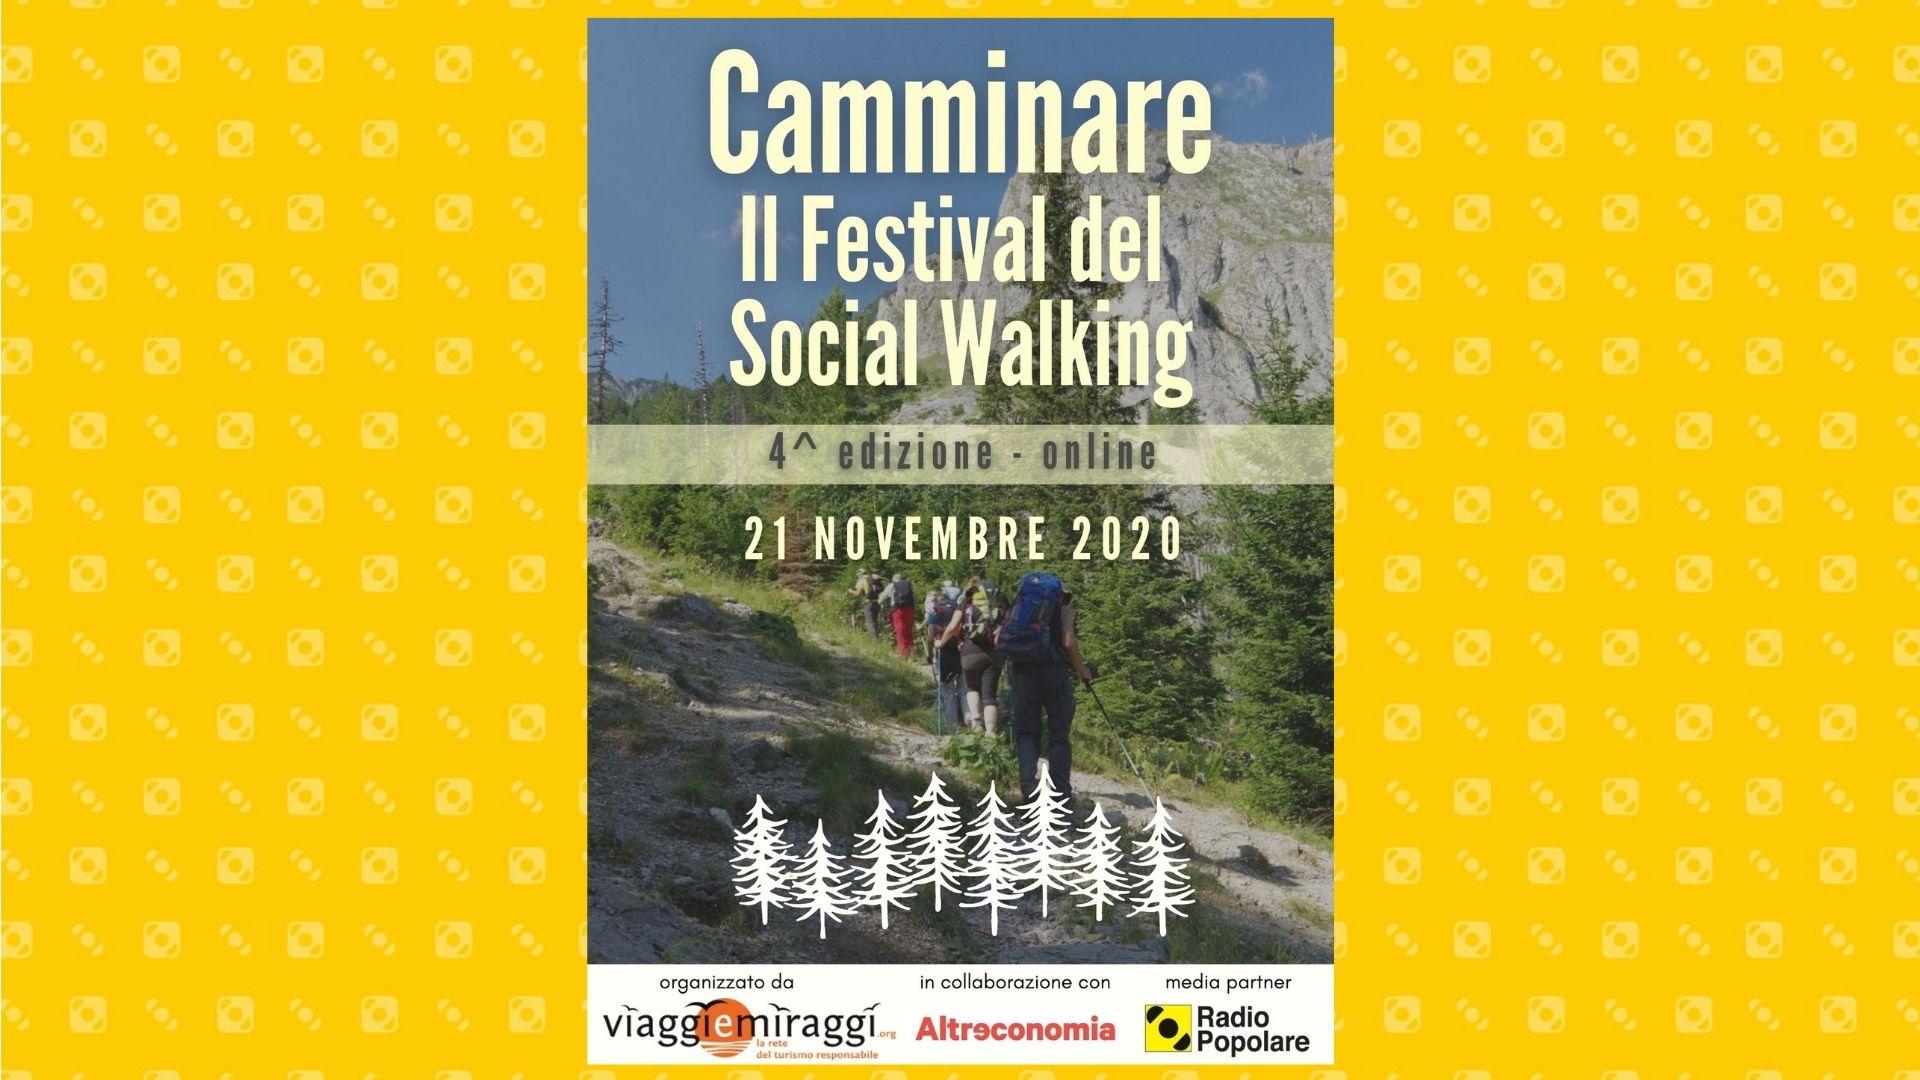 Camminare, il Festival del Social Walking edizione 2020